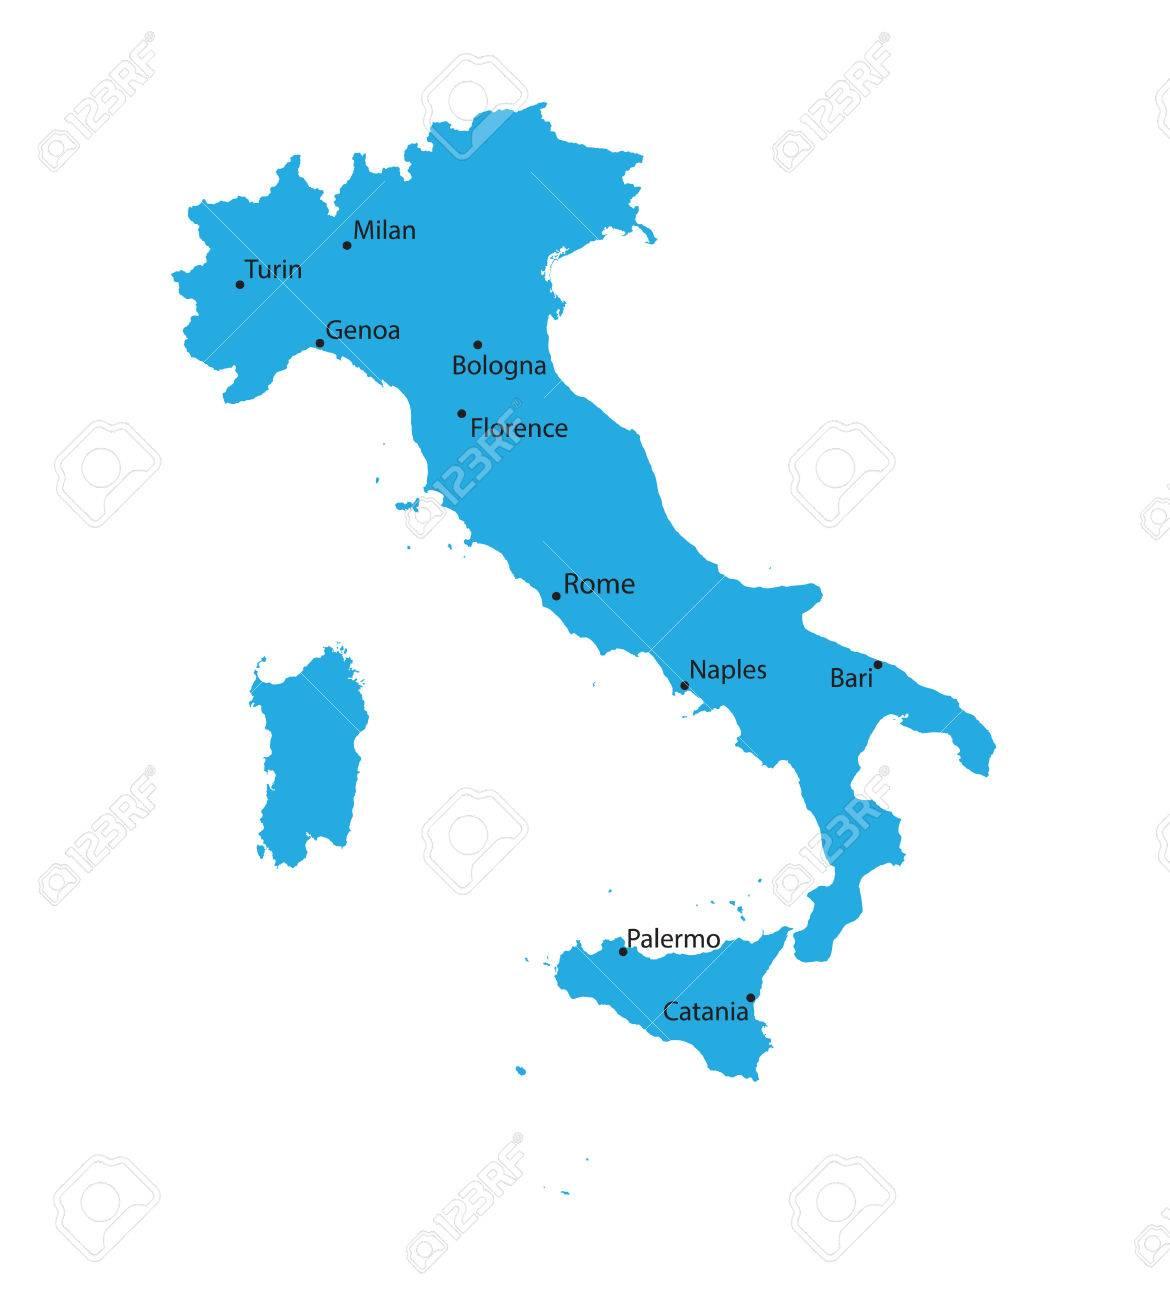 Blu Mappa Ditalia Con Indiaction Delle Più Grandi Città